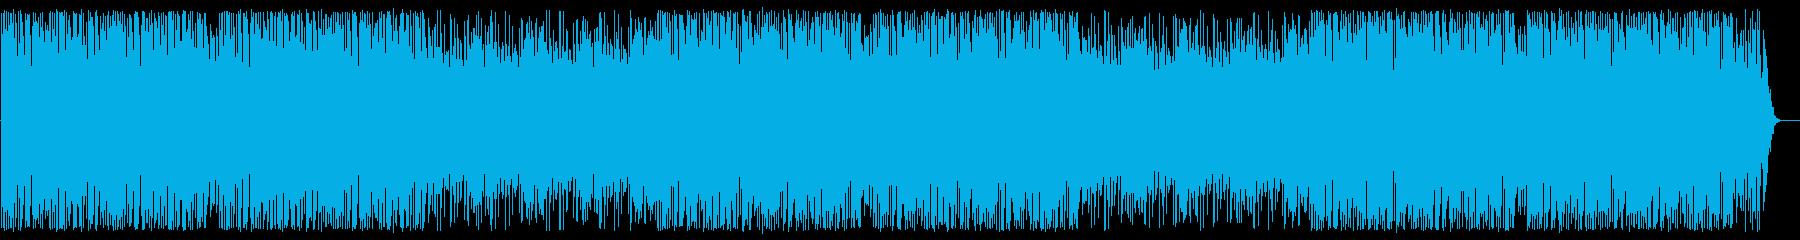 スピード感あってパワフルなメロディーの再生済みの波形